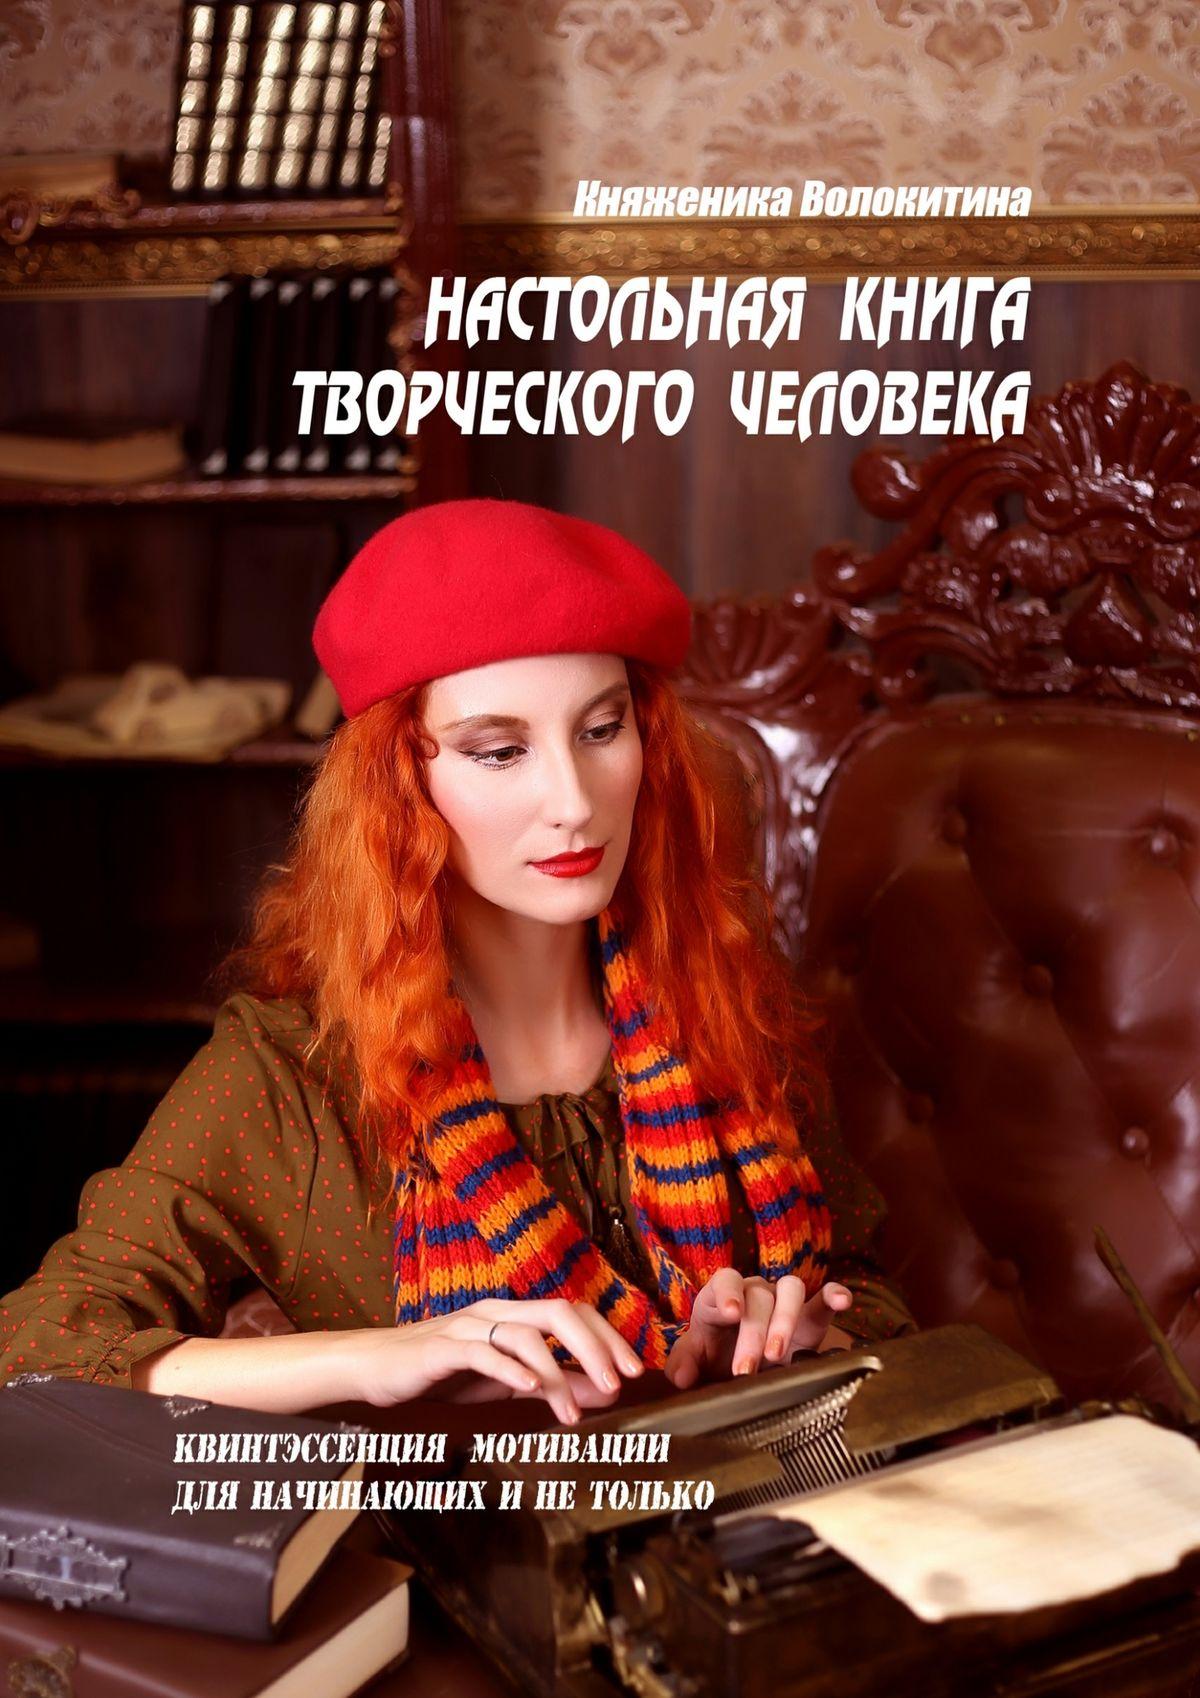 Княженика Волокитина Настольная книга творческого человека. Квинтэссенция мотивации для начинающих инетолько